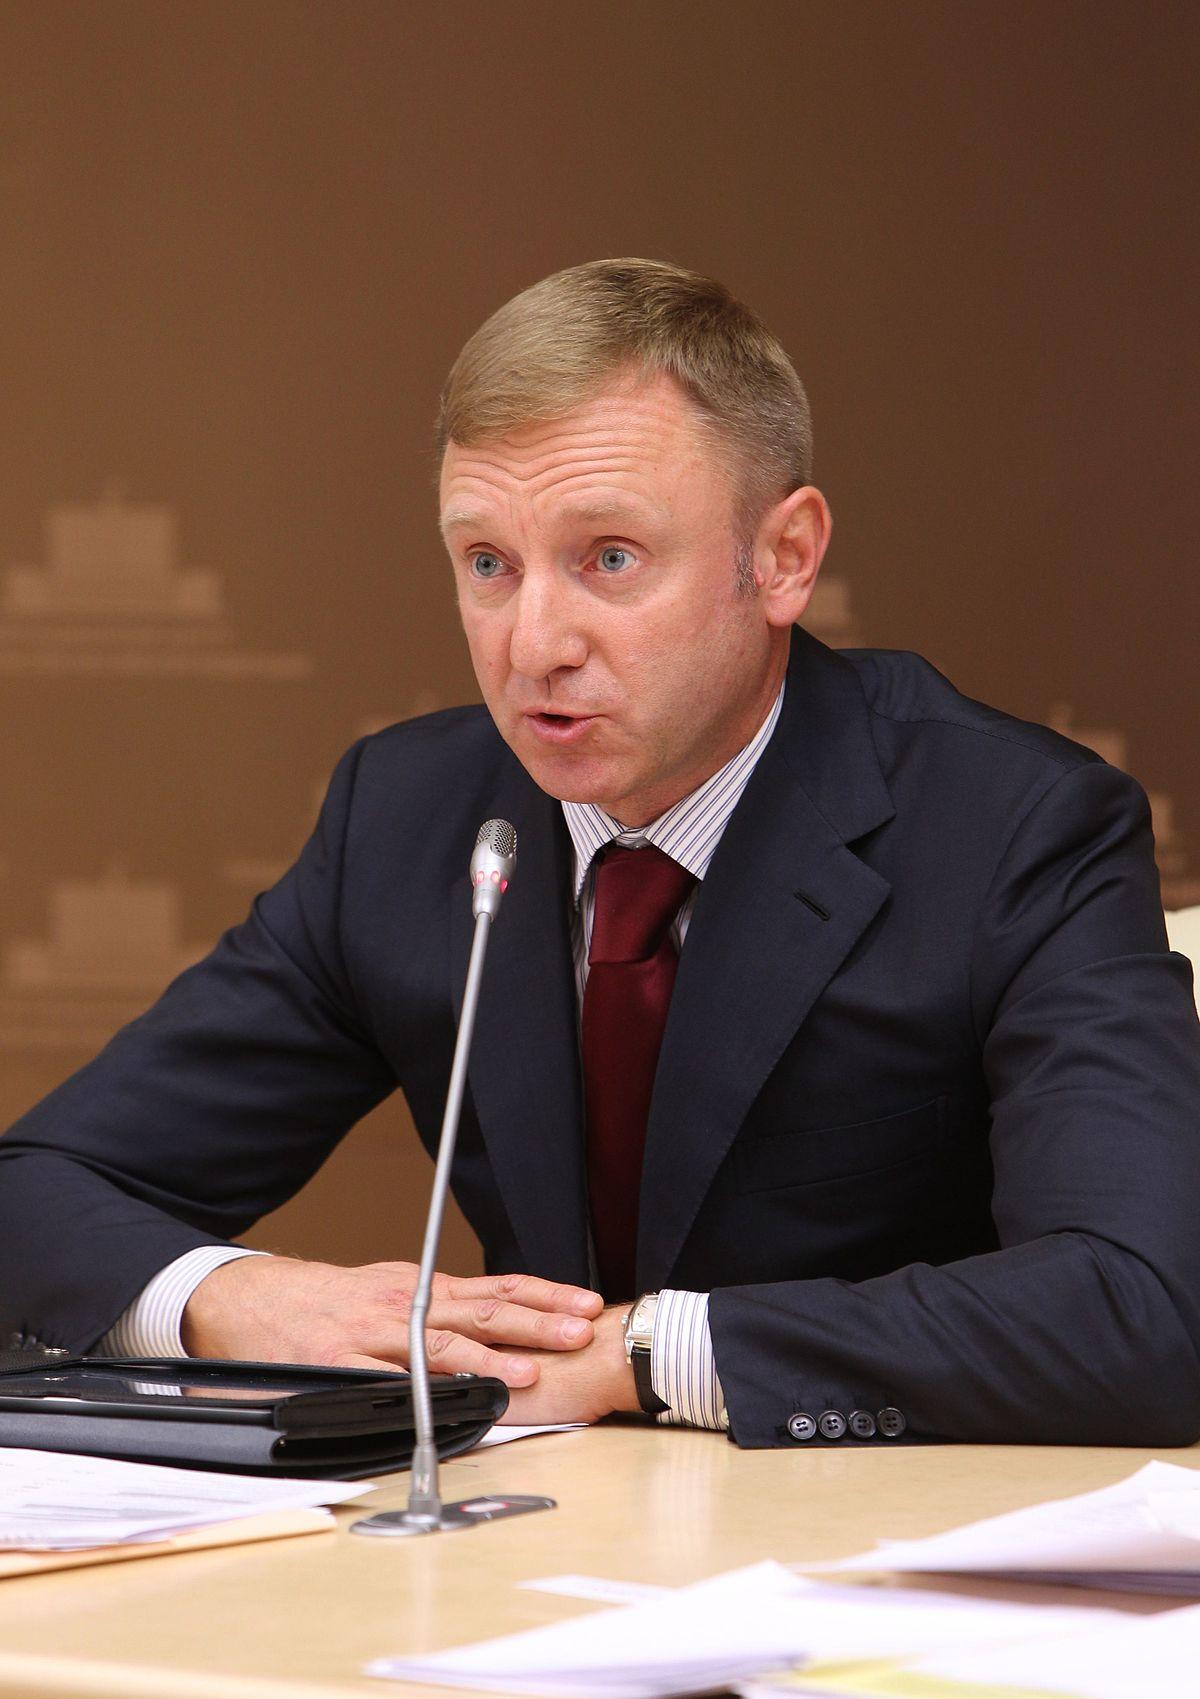 Ливанов, Дмитрий Викторович — Википедия